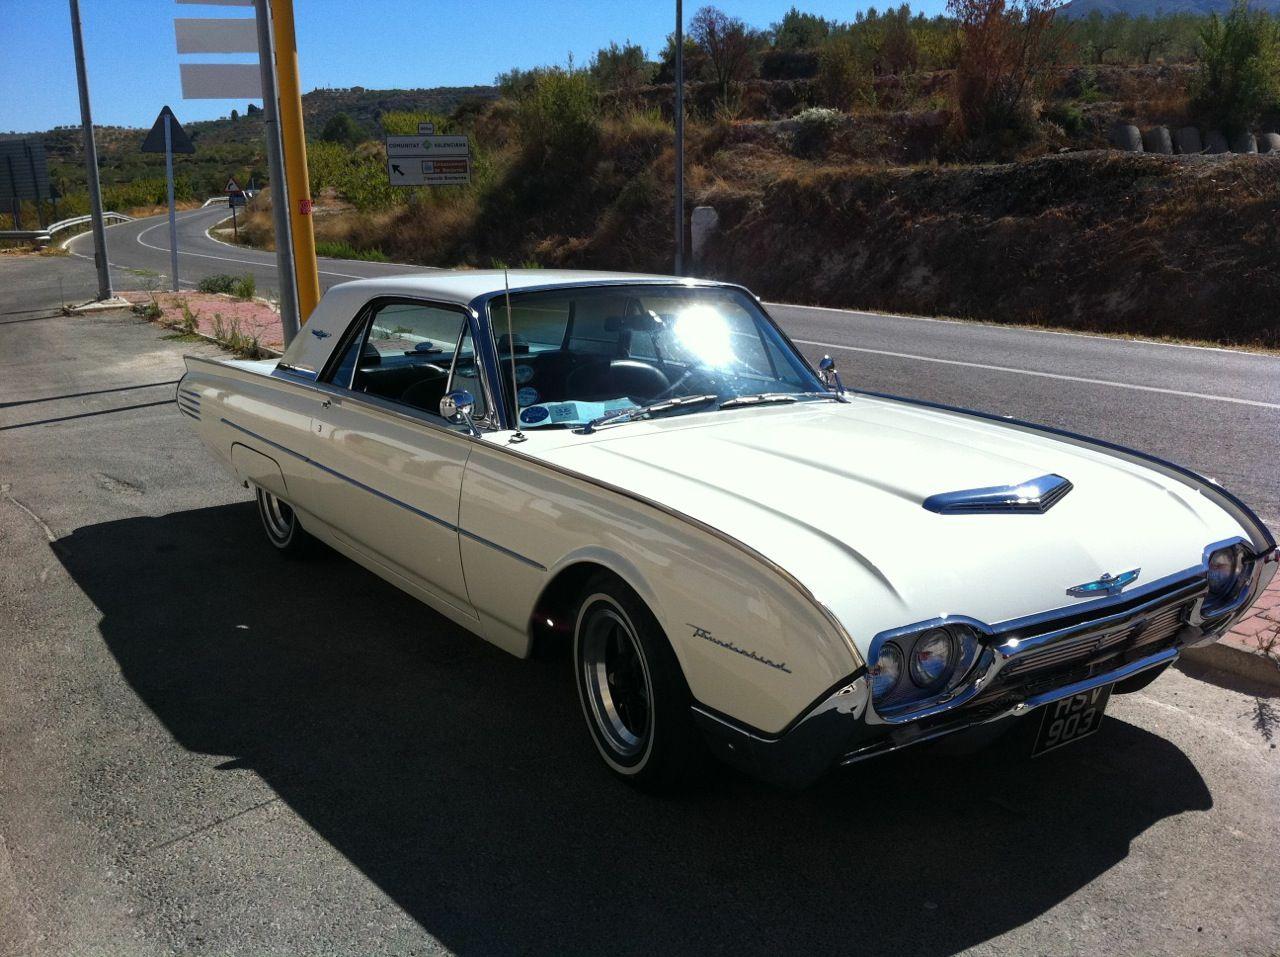 Speedmonkey spotted 1961 ford thunderbird and 1961 chevrolet corvette